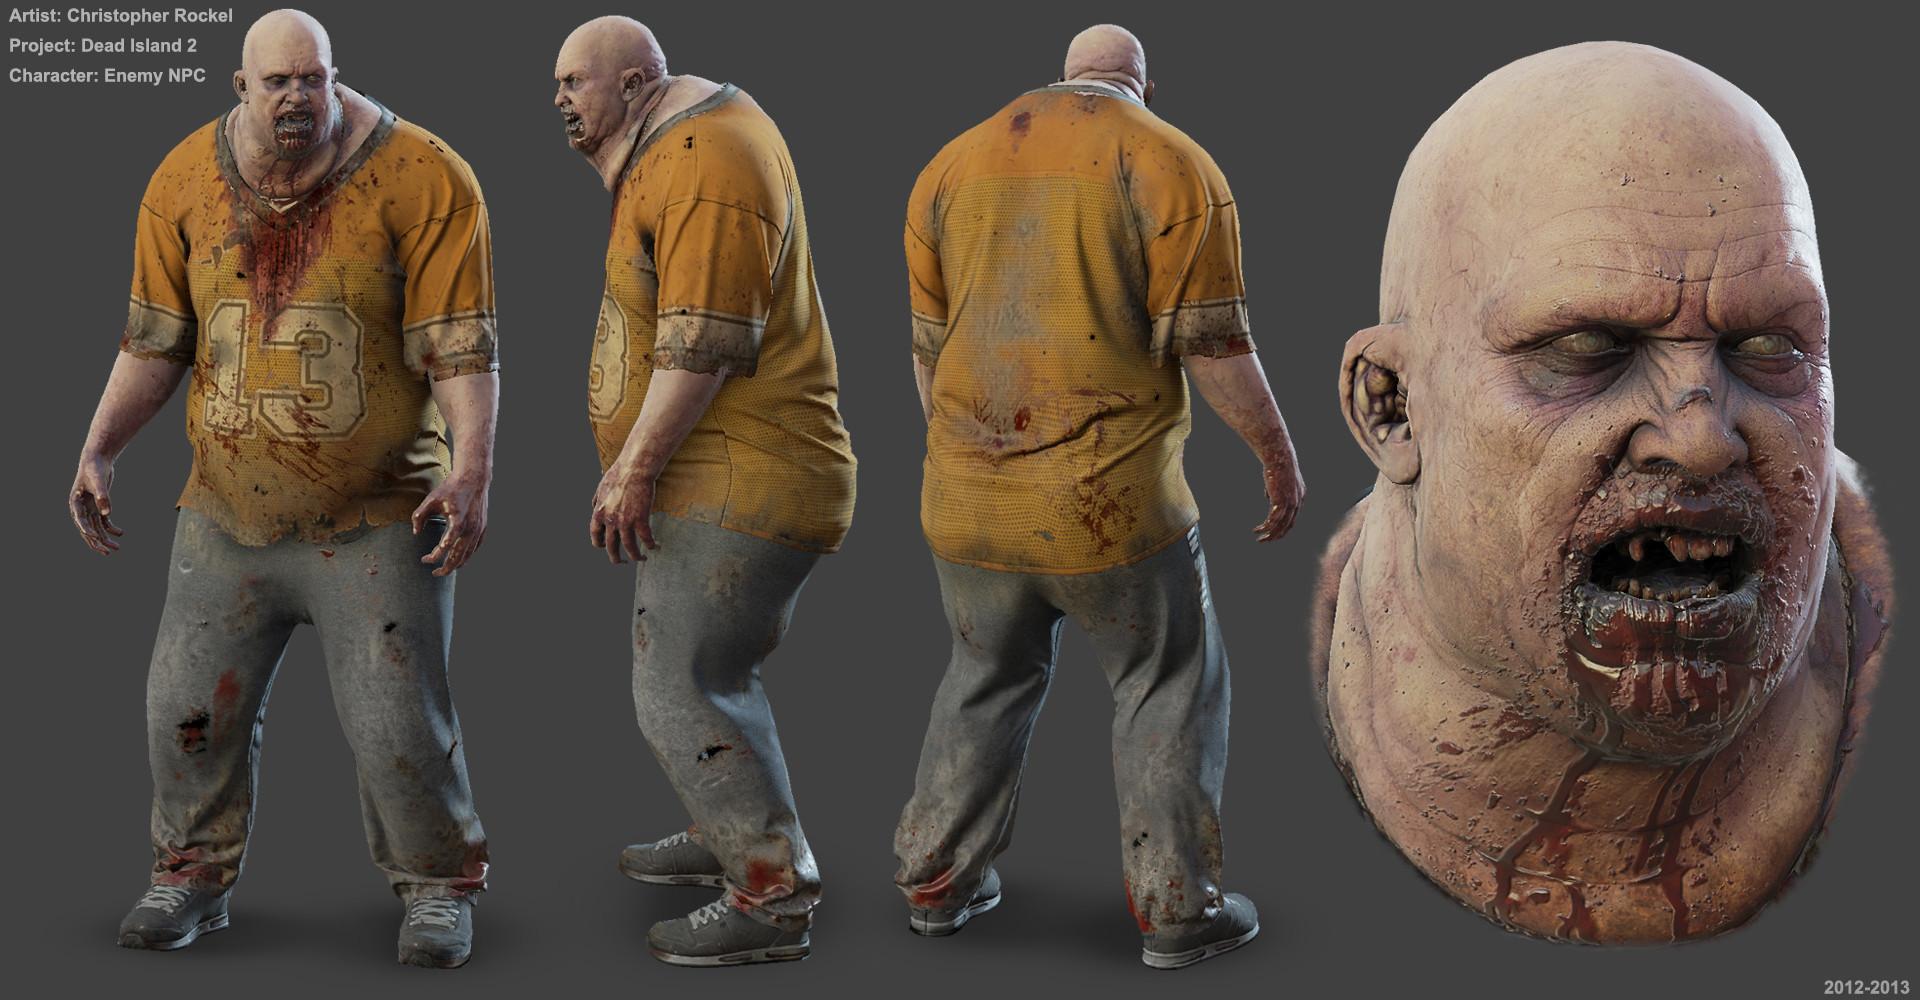 Dead Island 2 - Dead Island 2 Арт, Персонаж